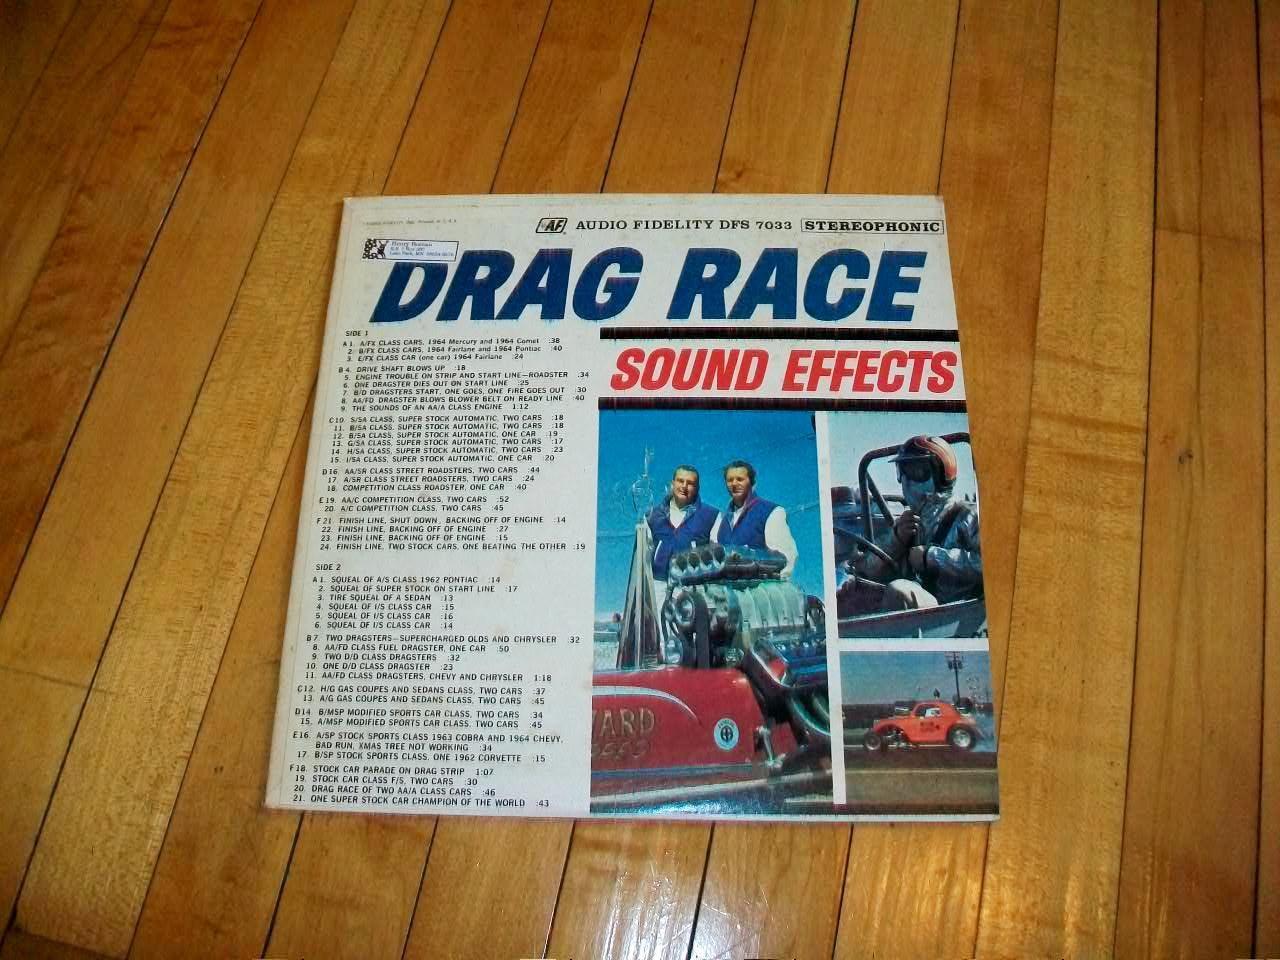 Drag Race Sound Effects Record Album Vintage 1964 Dfs 7033